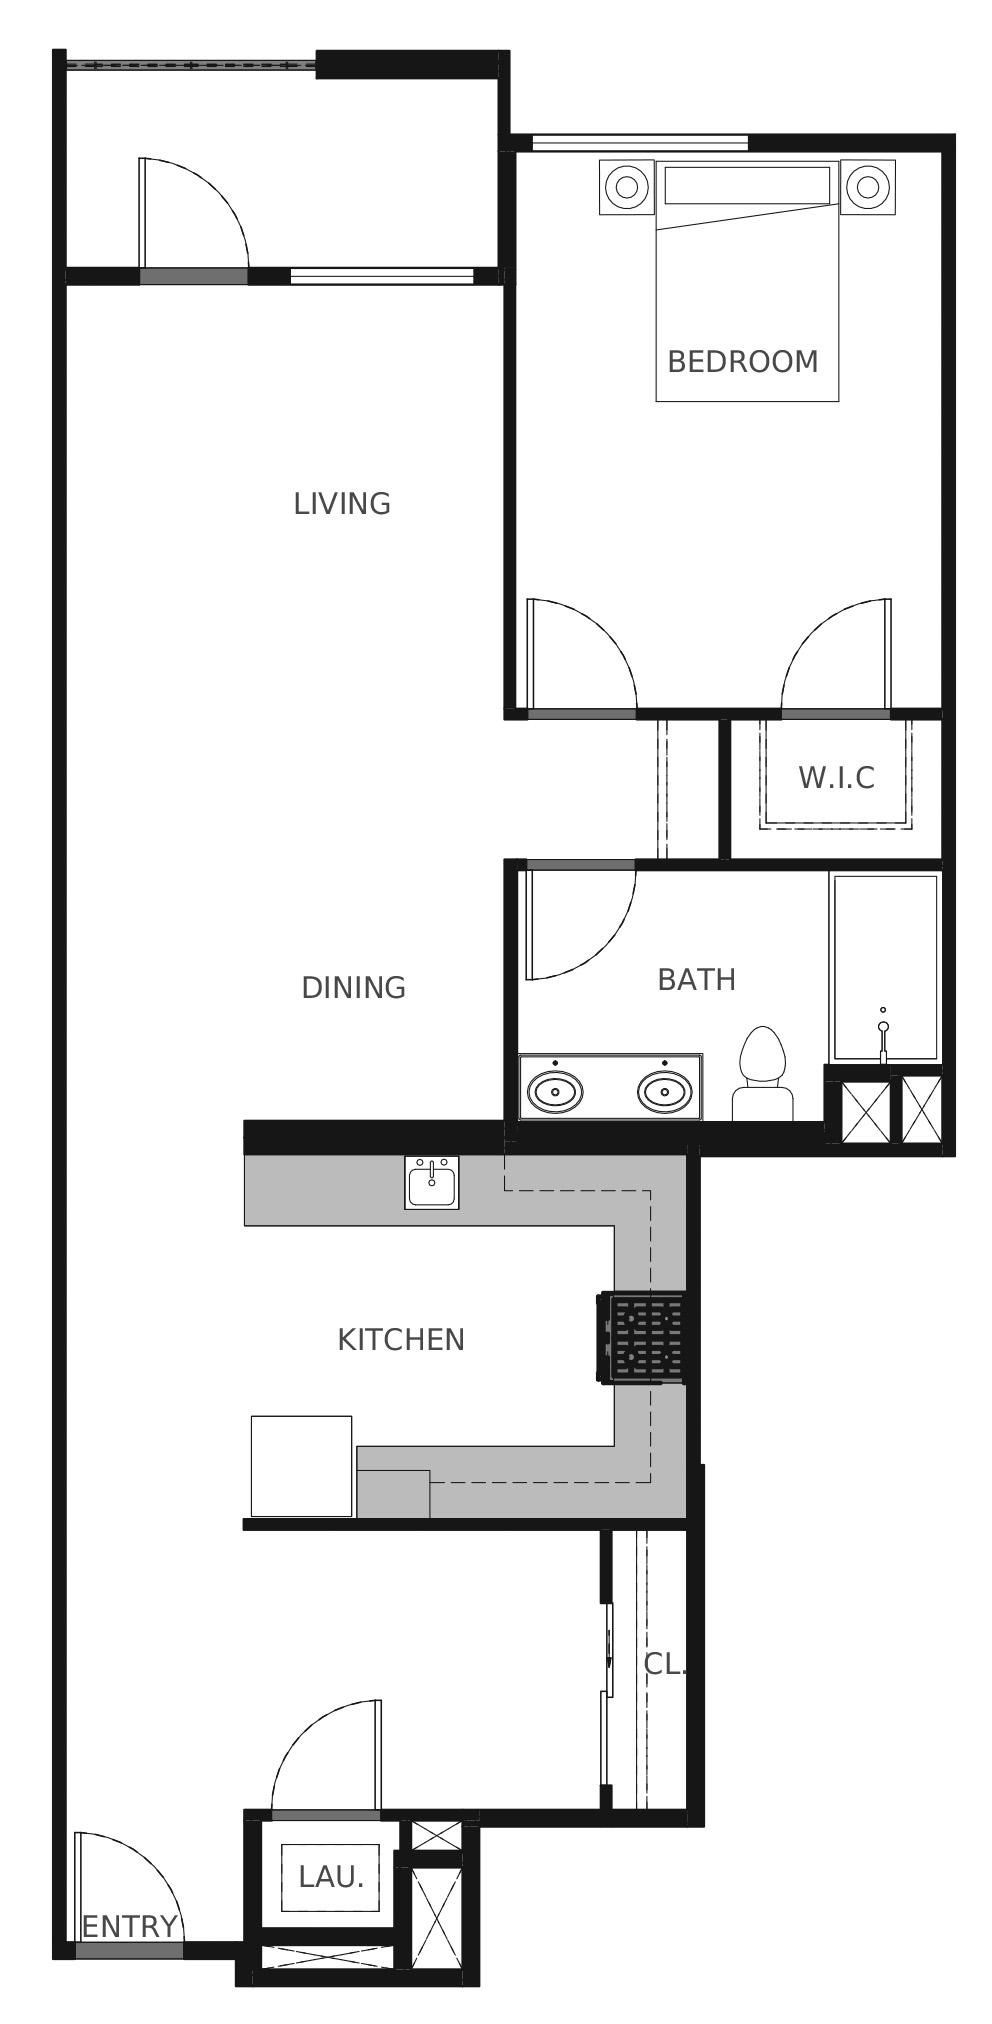 Plan A5 - 934 sq. ft.